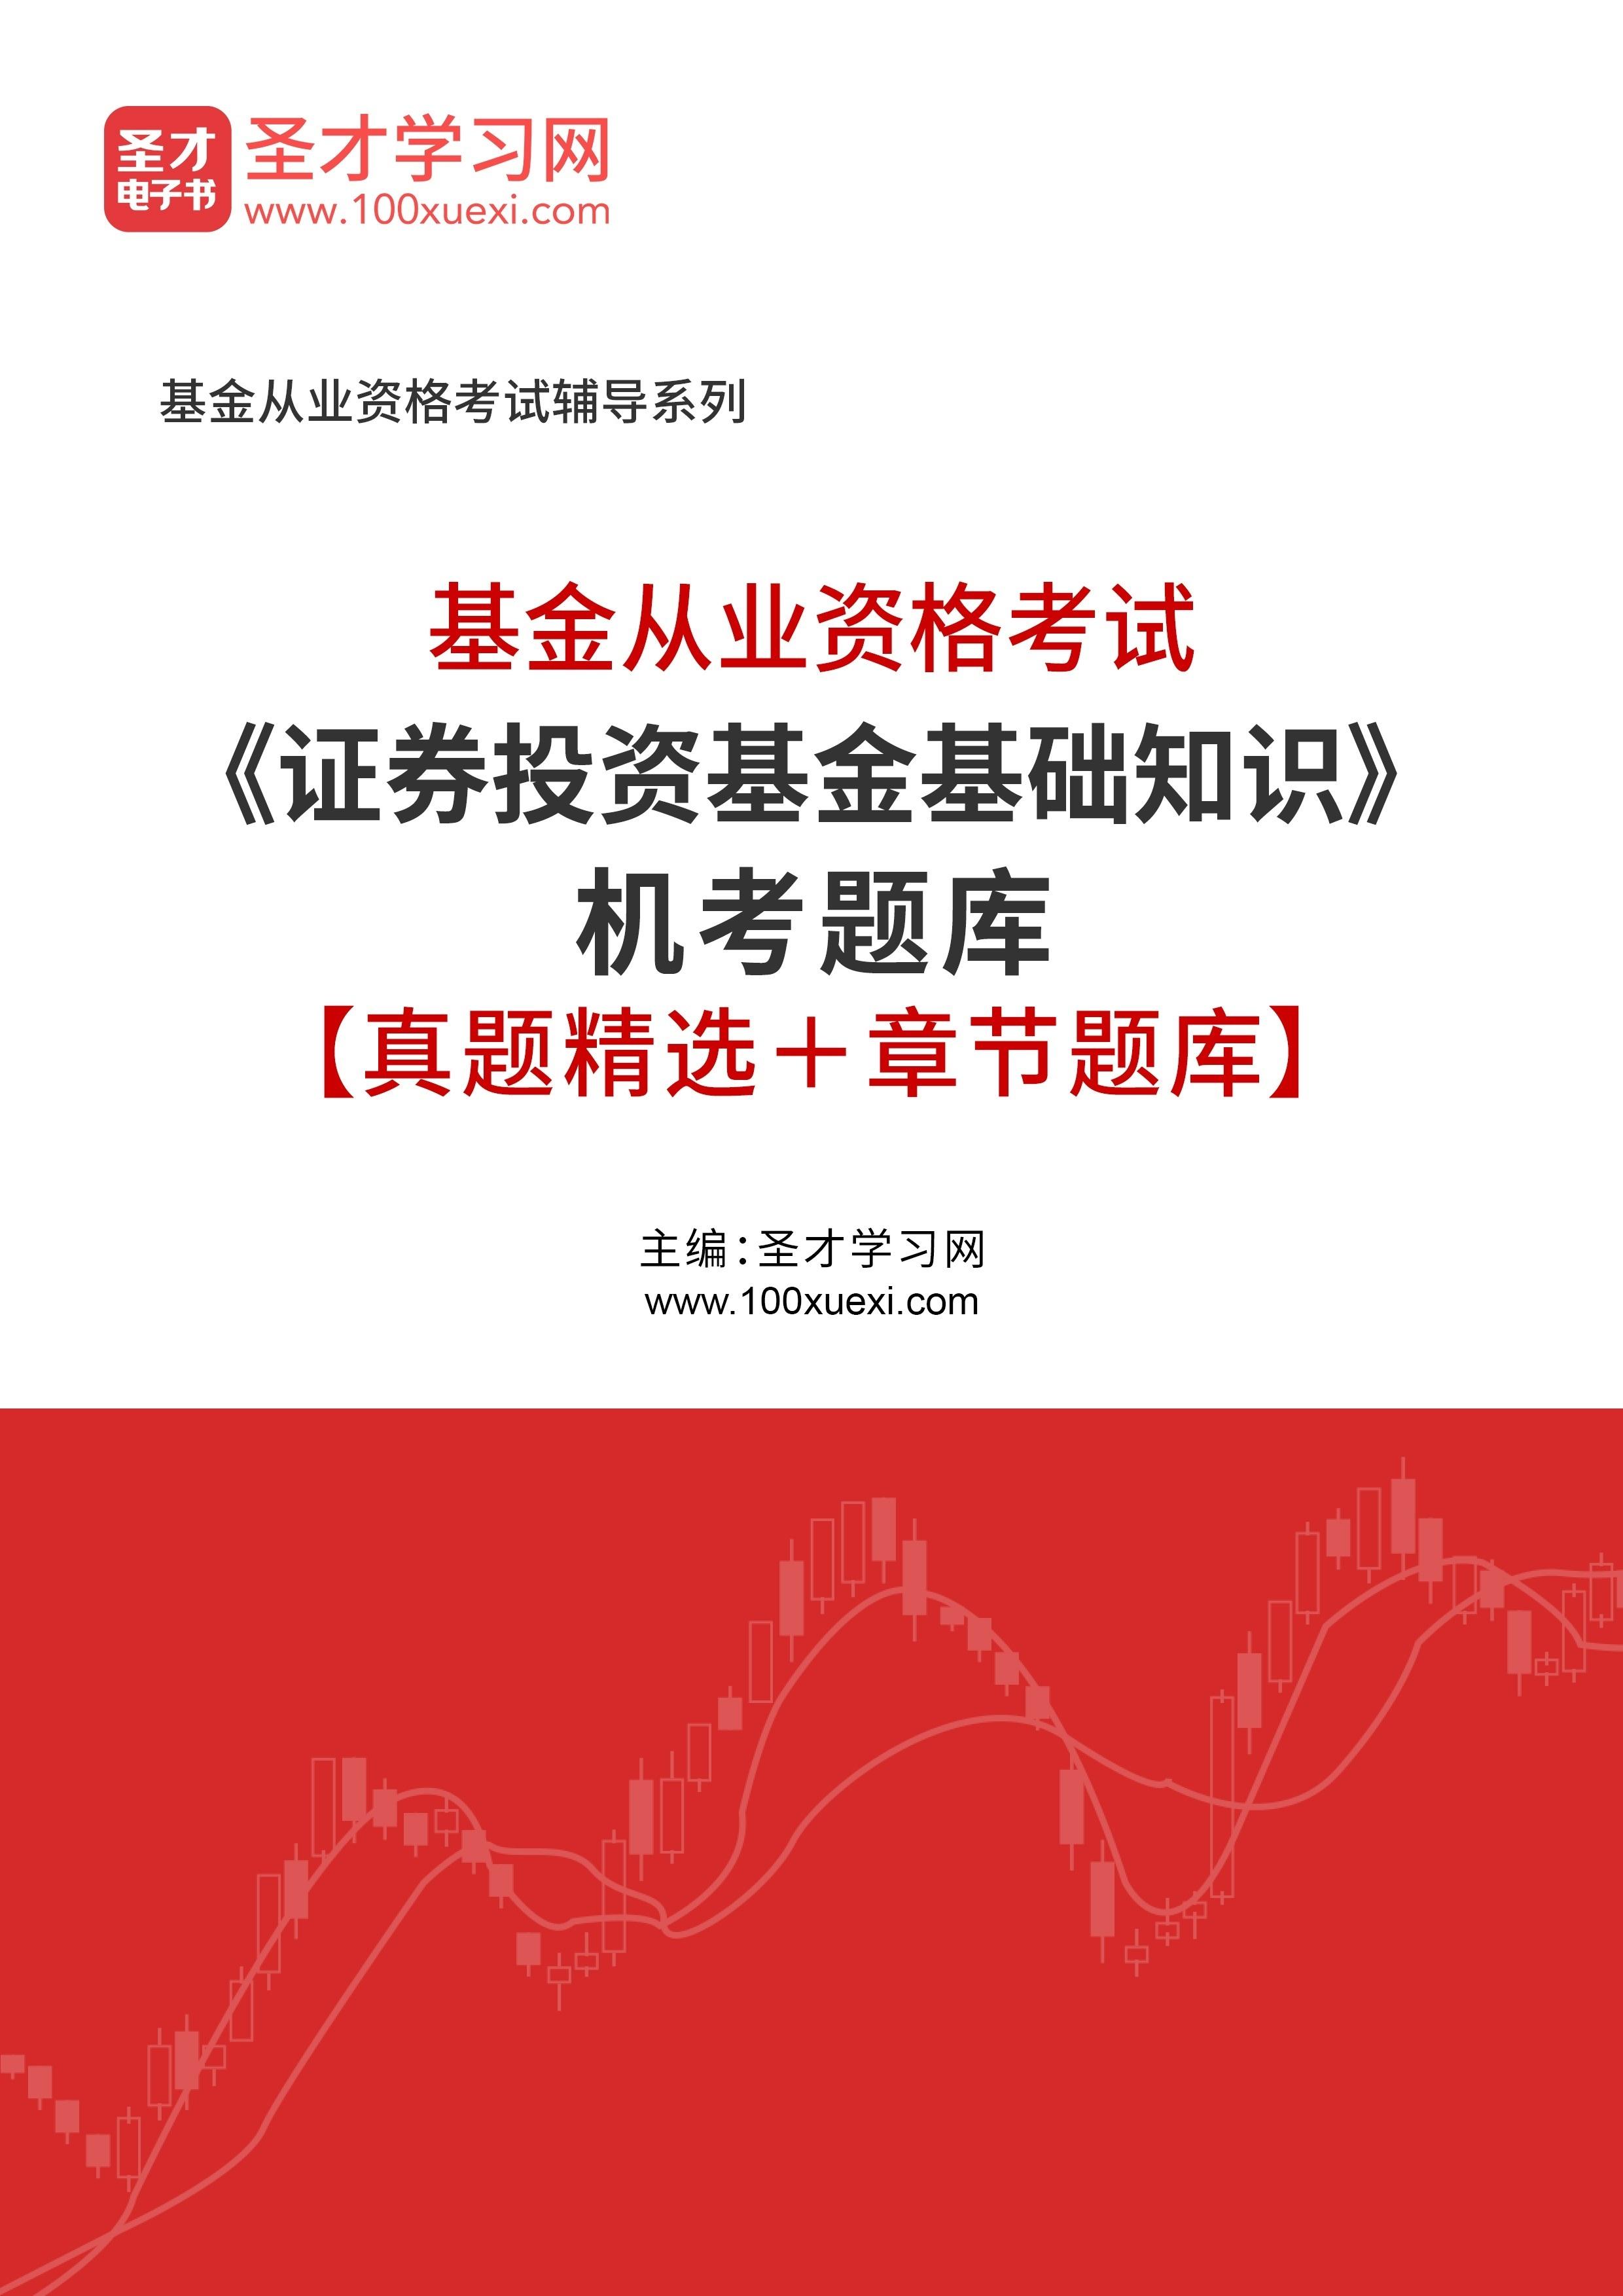 2021年基金從業資格考試《證券投資基金基礎知識》機考題庫【真題精選+章節題庫】